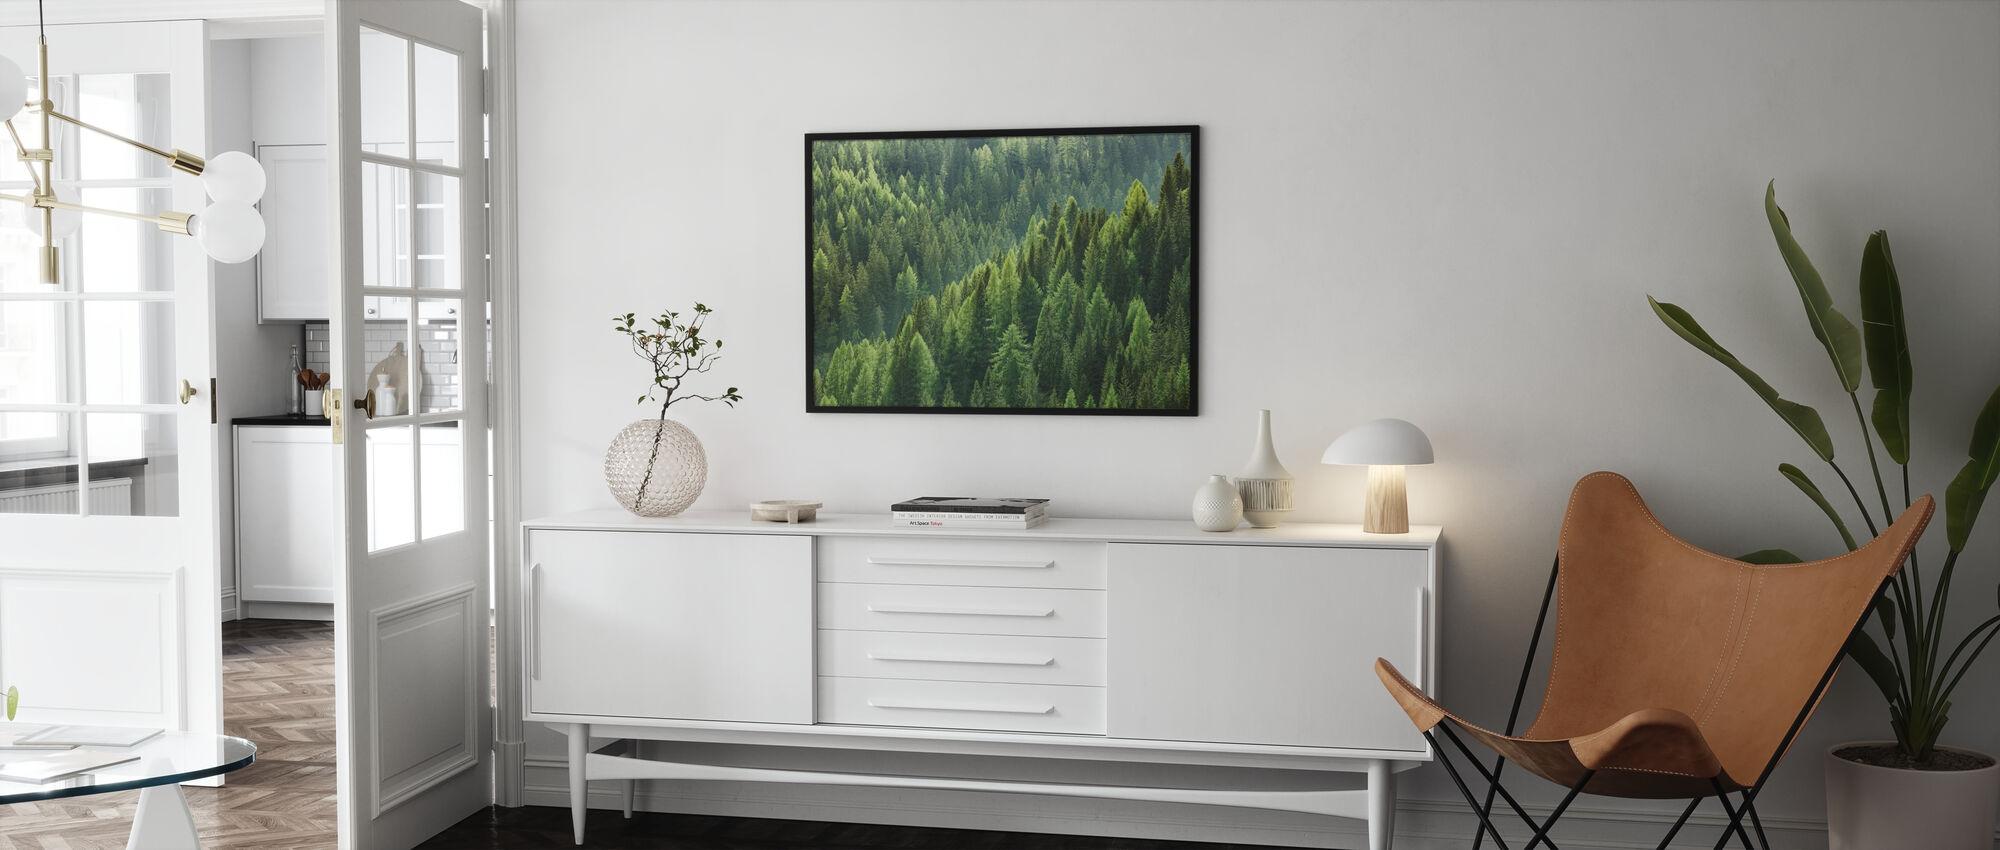 Gröna träd i skogen - Poster - Vardagsrum